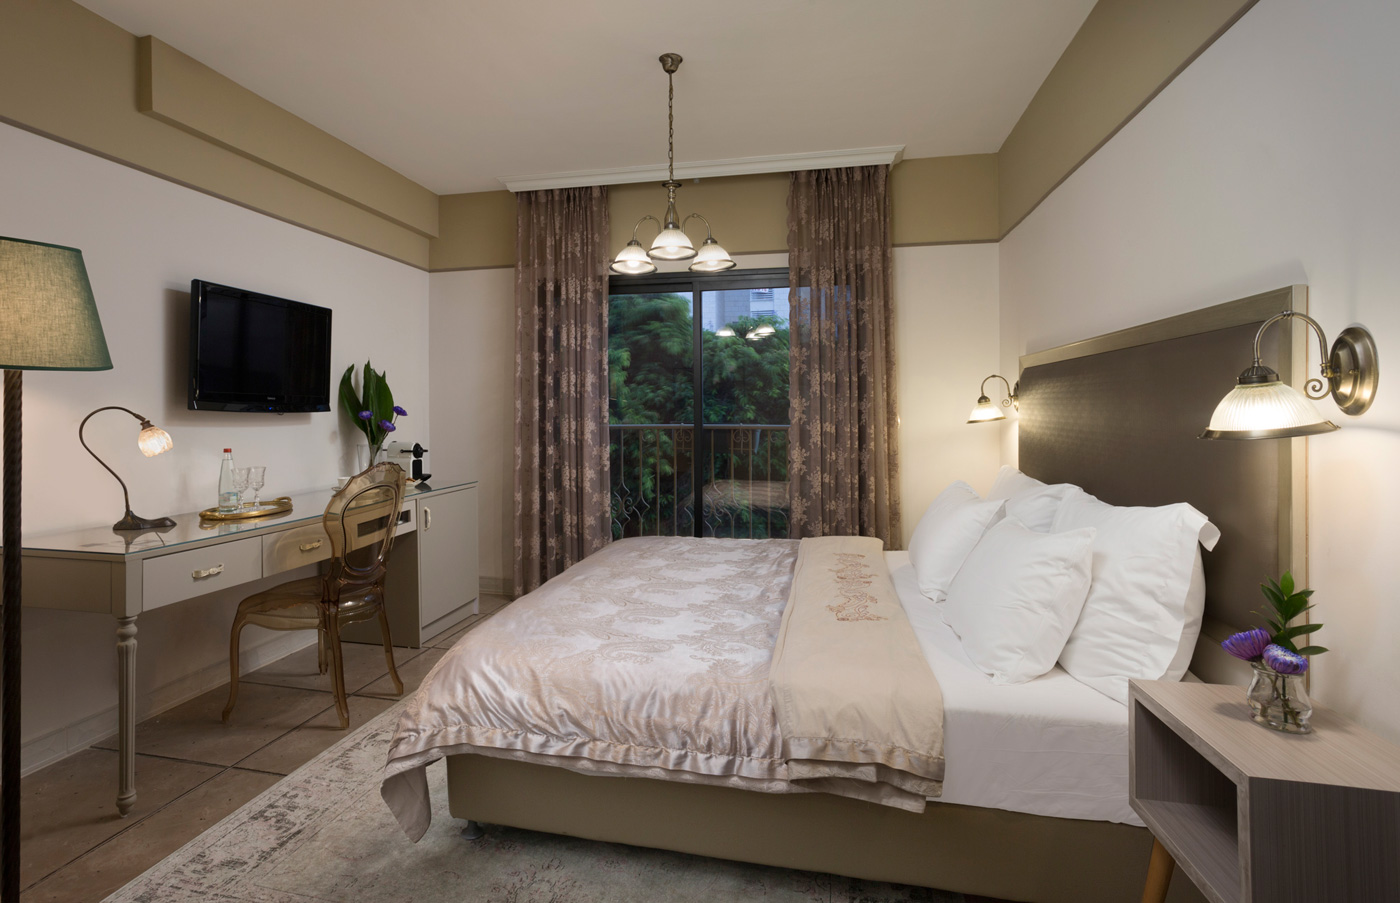 אקזקיוטיב - מלון שטרקמן ארנה נהריה